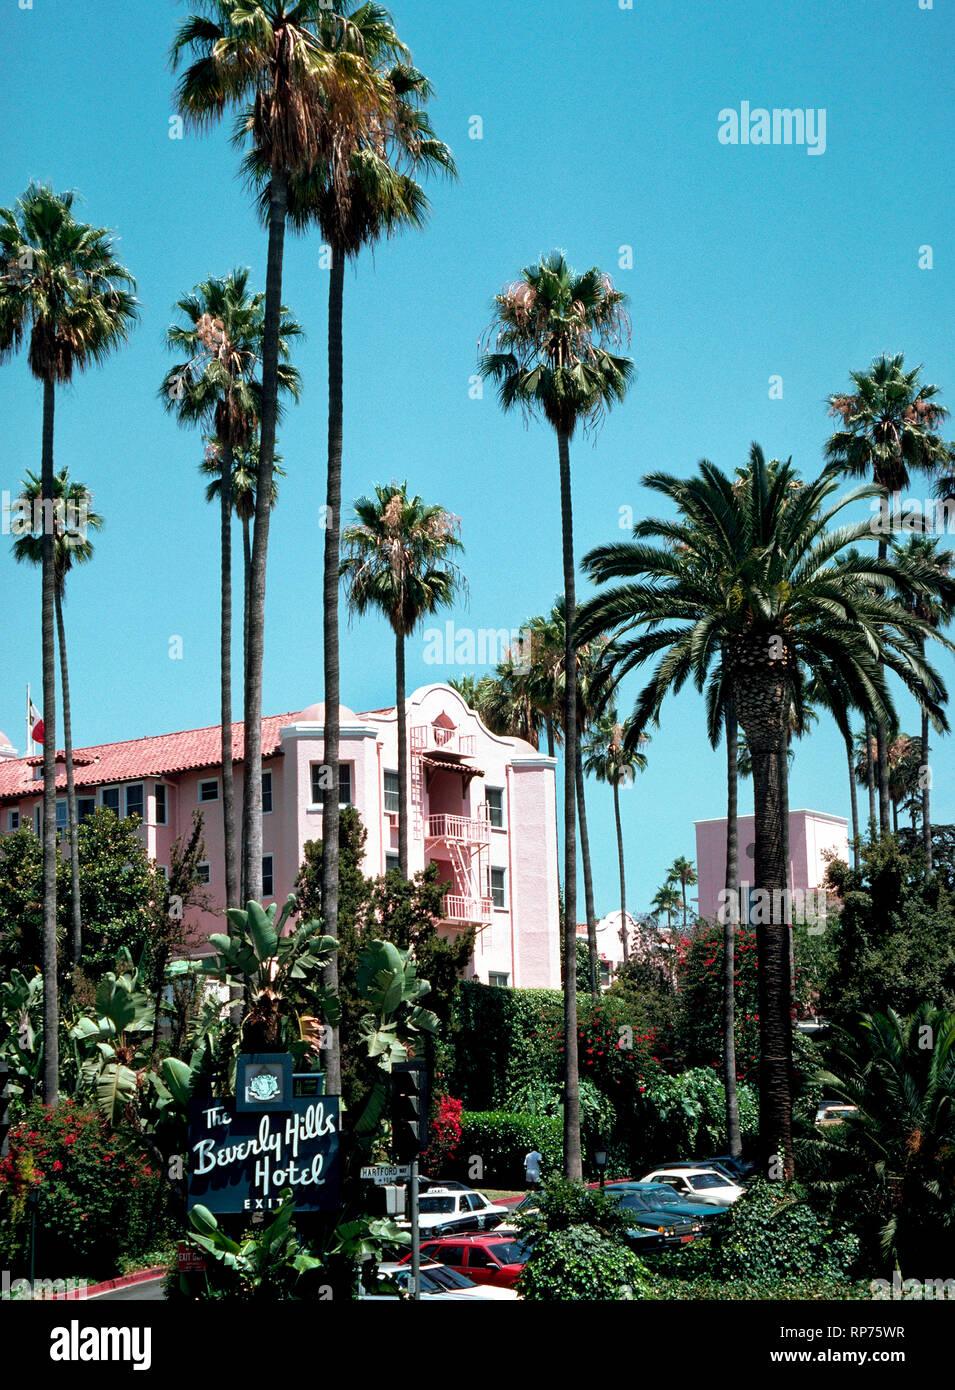 Hohen Palmen Rahmen einige der rosafarbenen Fassade des berühmten Beverly Hills Hotel, die Zuhause für Filmstars und andere Berühmtheiten, seit es 1912 eröffnet, das war zwei Jahre vor seinem Namensvetter Stadt Beverly Hills in Los Angeles County, Kalifornien, USA aufgenommen wurde. Heute das luxuriöse Hotel wie das Pink Palace bekannt und hat 210 Zimmer und 23 abgelegenen Bungalows umgeben von 12 Hektar (4,86 Hektar) von üppigen tropischen Gärten und exotischen Blumen umgeben. Hollywood Stars sind oft in seinen Premier dining Spot gesehen, die Polo Lounge. Stockbild